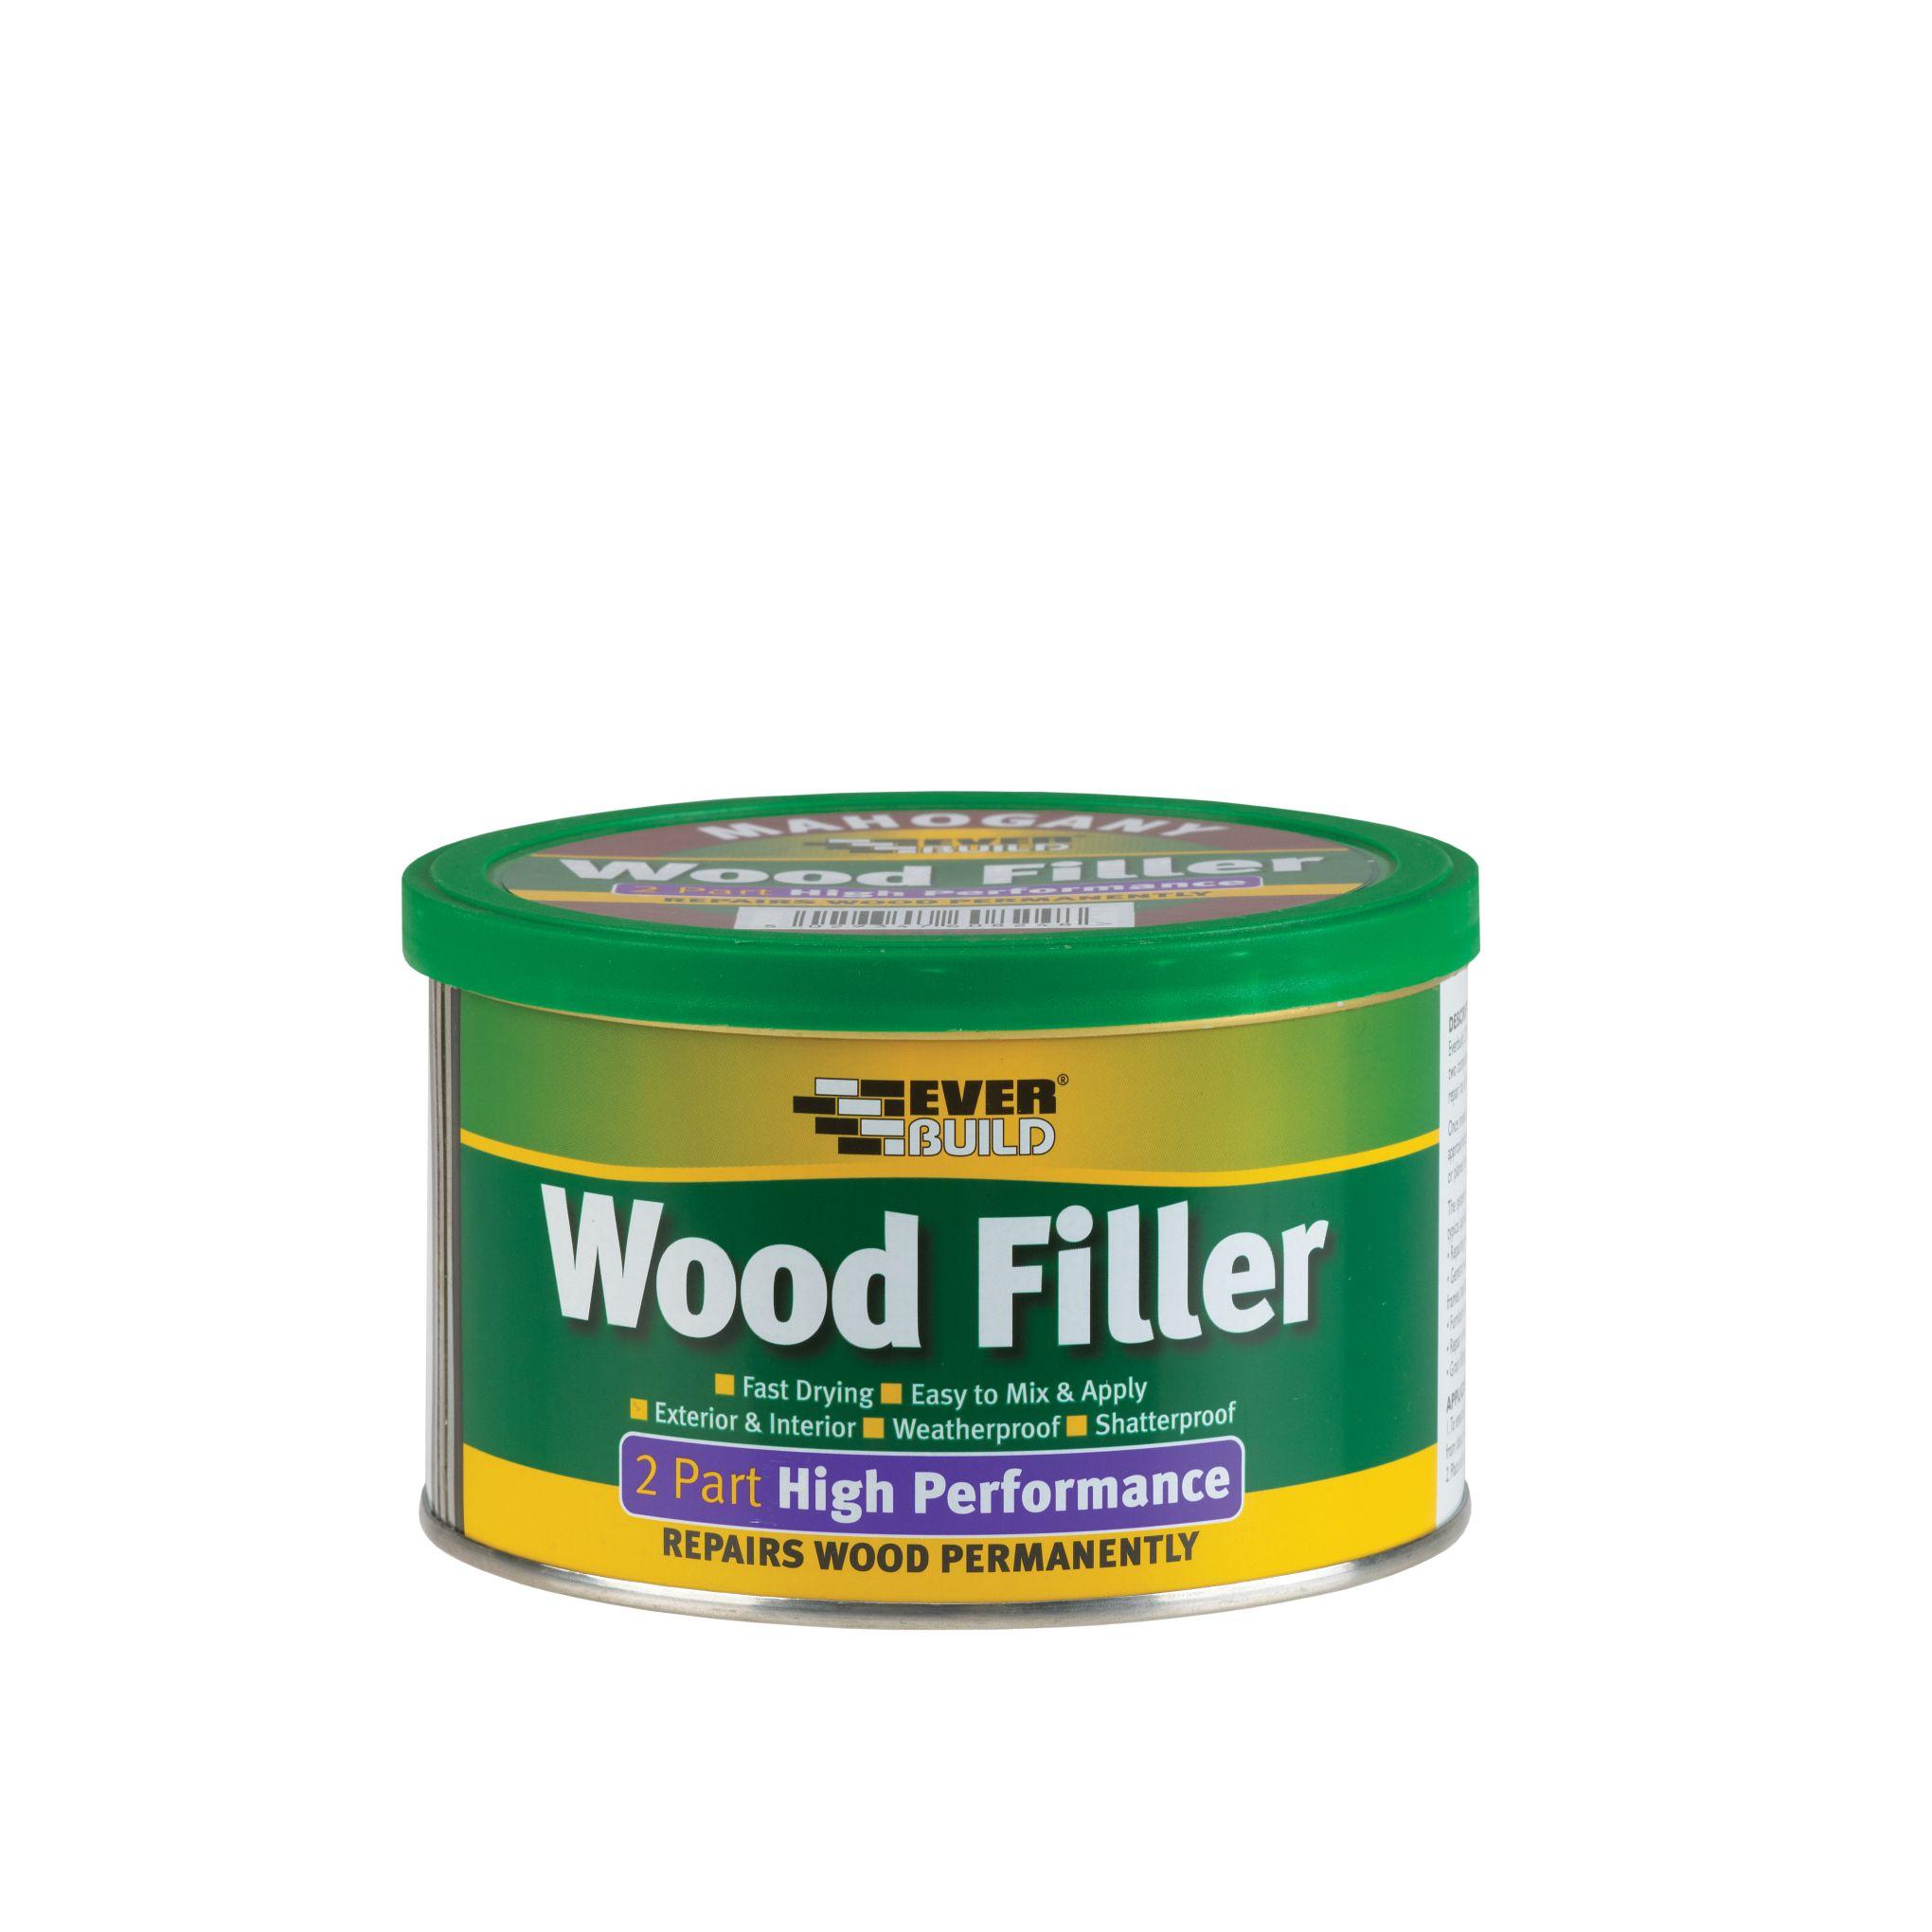 HIGH PERFORMANCE 2-PART WOOD FILLER 500G PINE